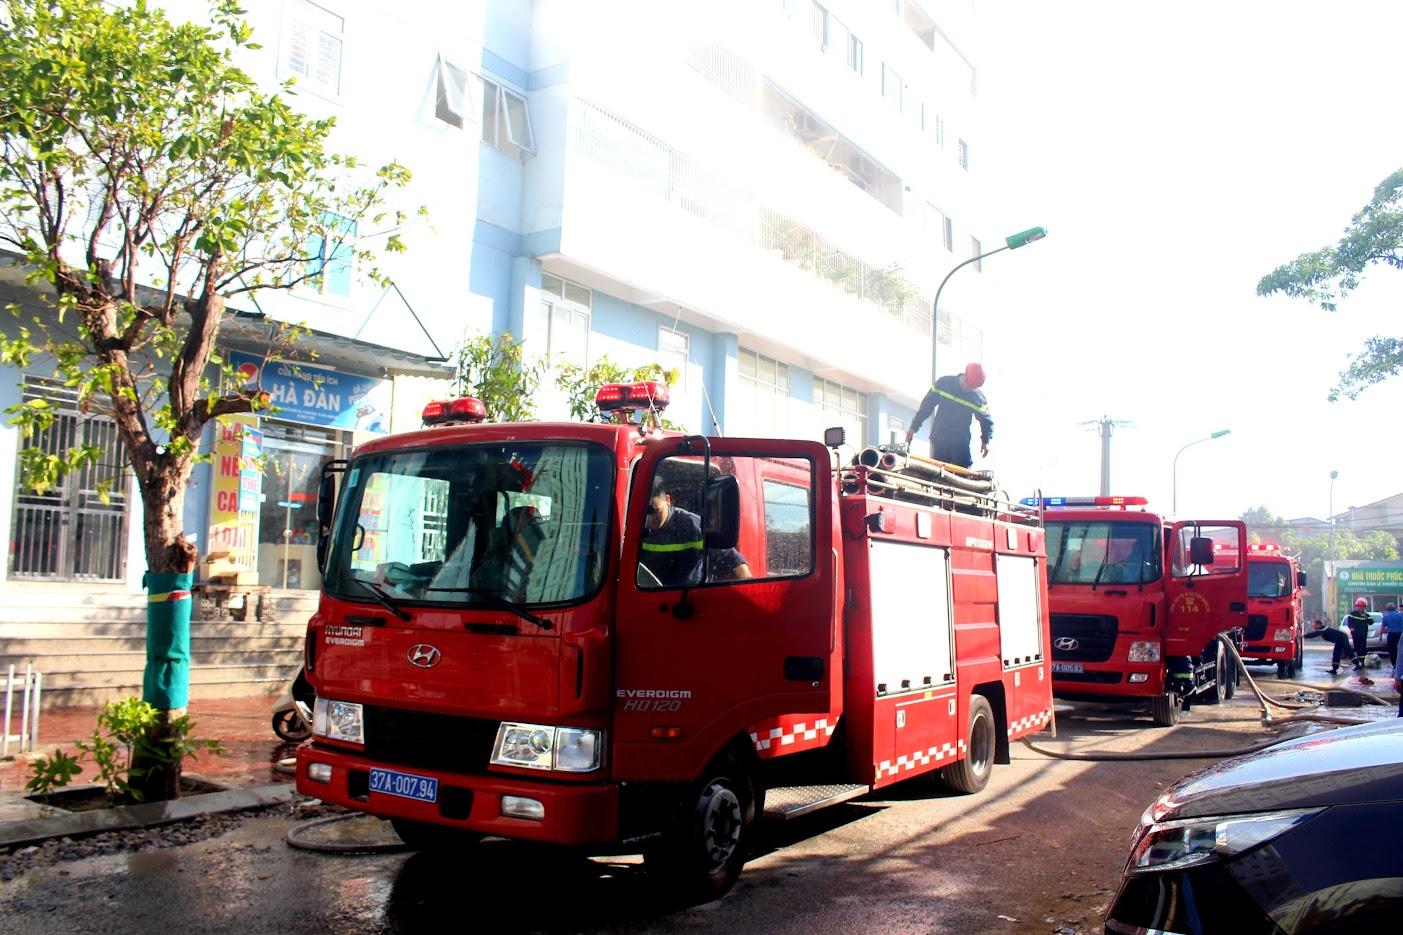 Cảnh sát PCCC nhanh chóng có mặt và triển khai phương án dập lửa